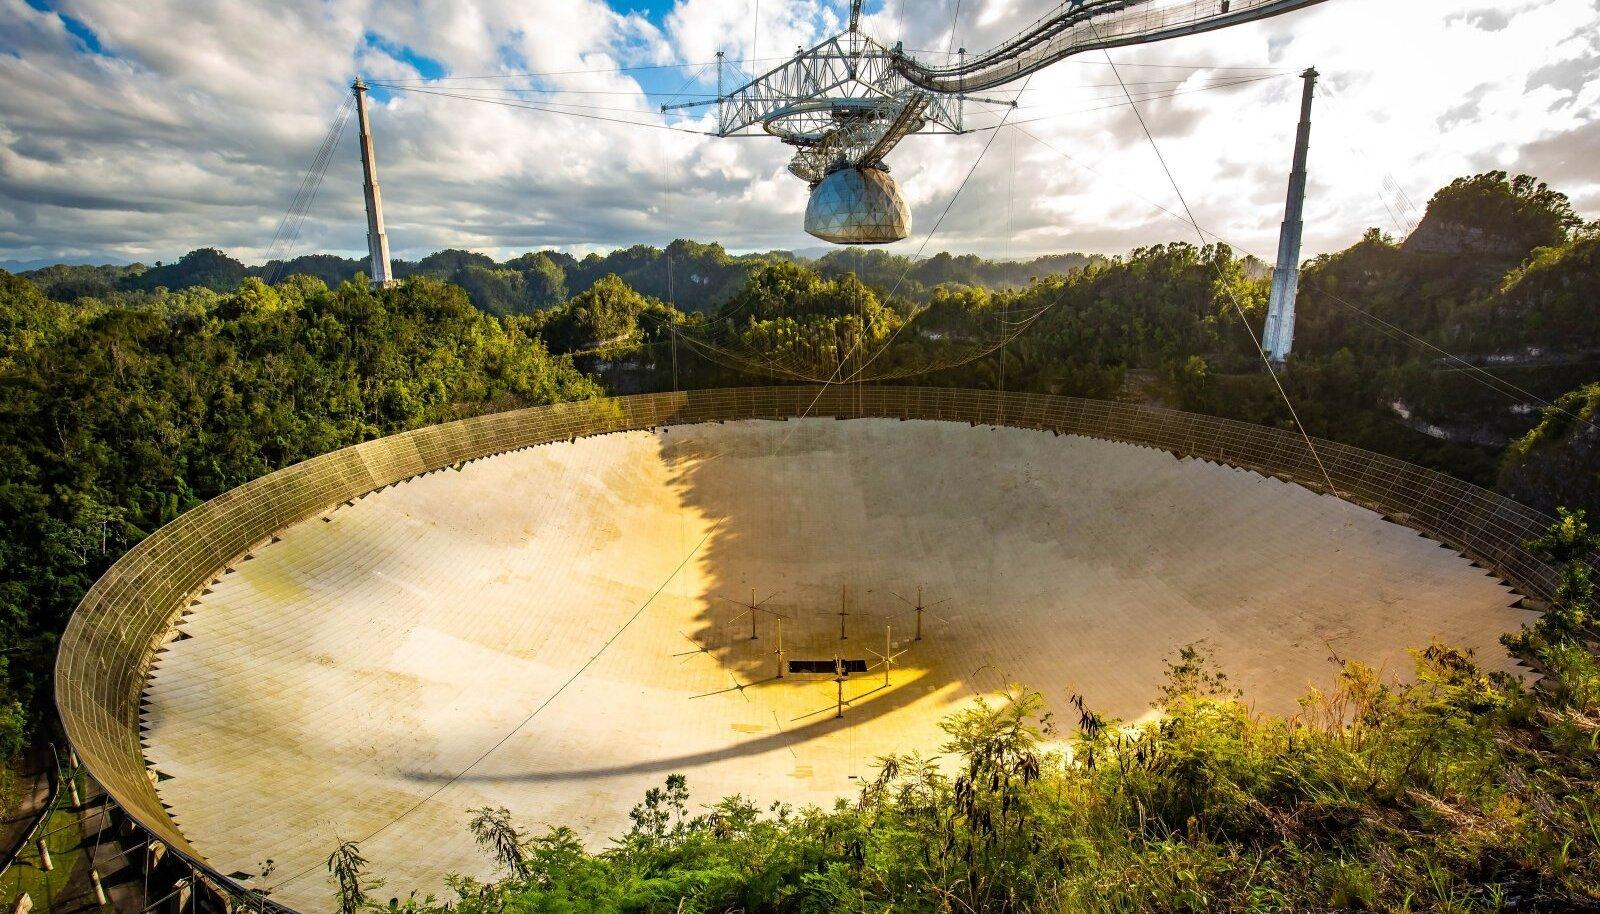 Mägedevahelisse karstilohku on paigutatud liikumatu 305meetrise läbimõõduga peapeegel, mille kohal, 150 meetri kõrgusel liigub 900 tonni kaaluv platvorm sekundaarpeegli ja kiirguse vastuvõtjatega.